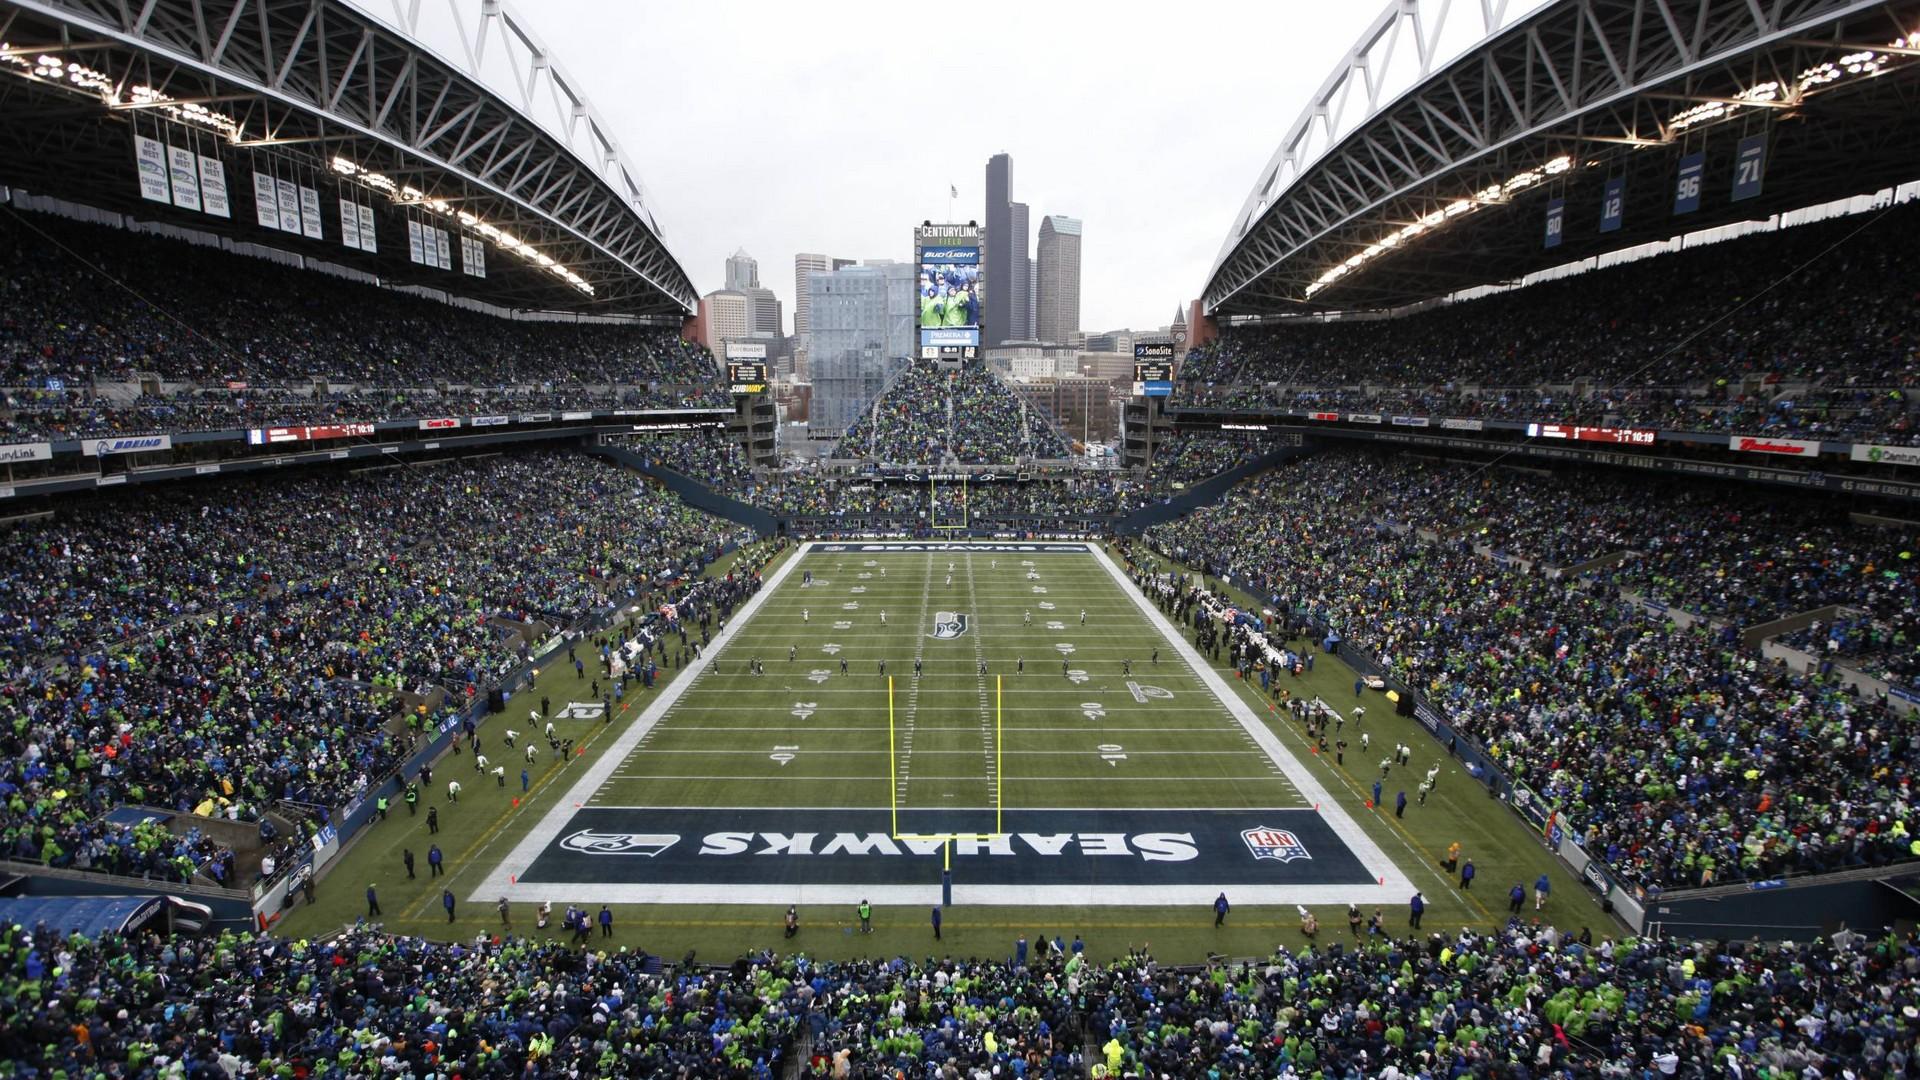 Windows Wallpaper Seattle Seahawks 2020 NFL Football Wallpapers 1920x1080